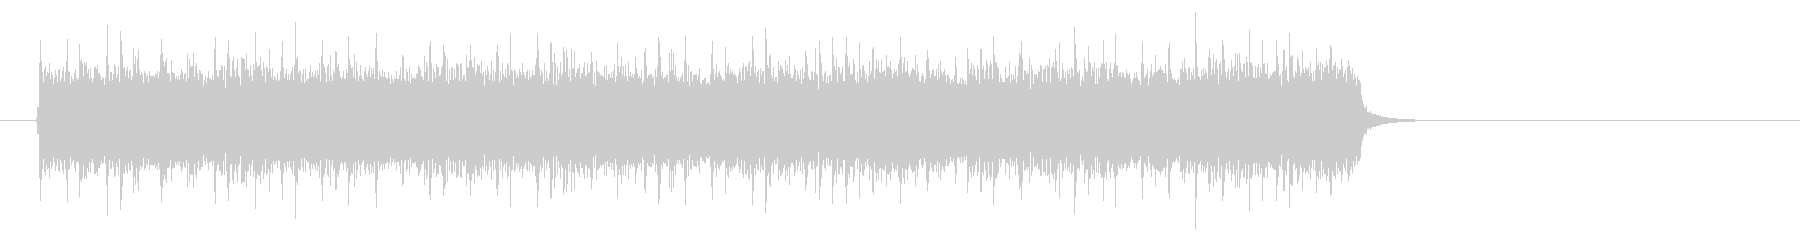 アメリカンロック/ポップ(サビ)の未再生の波形